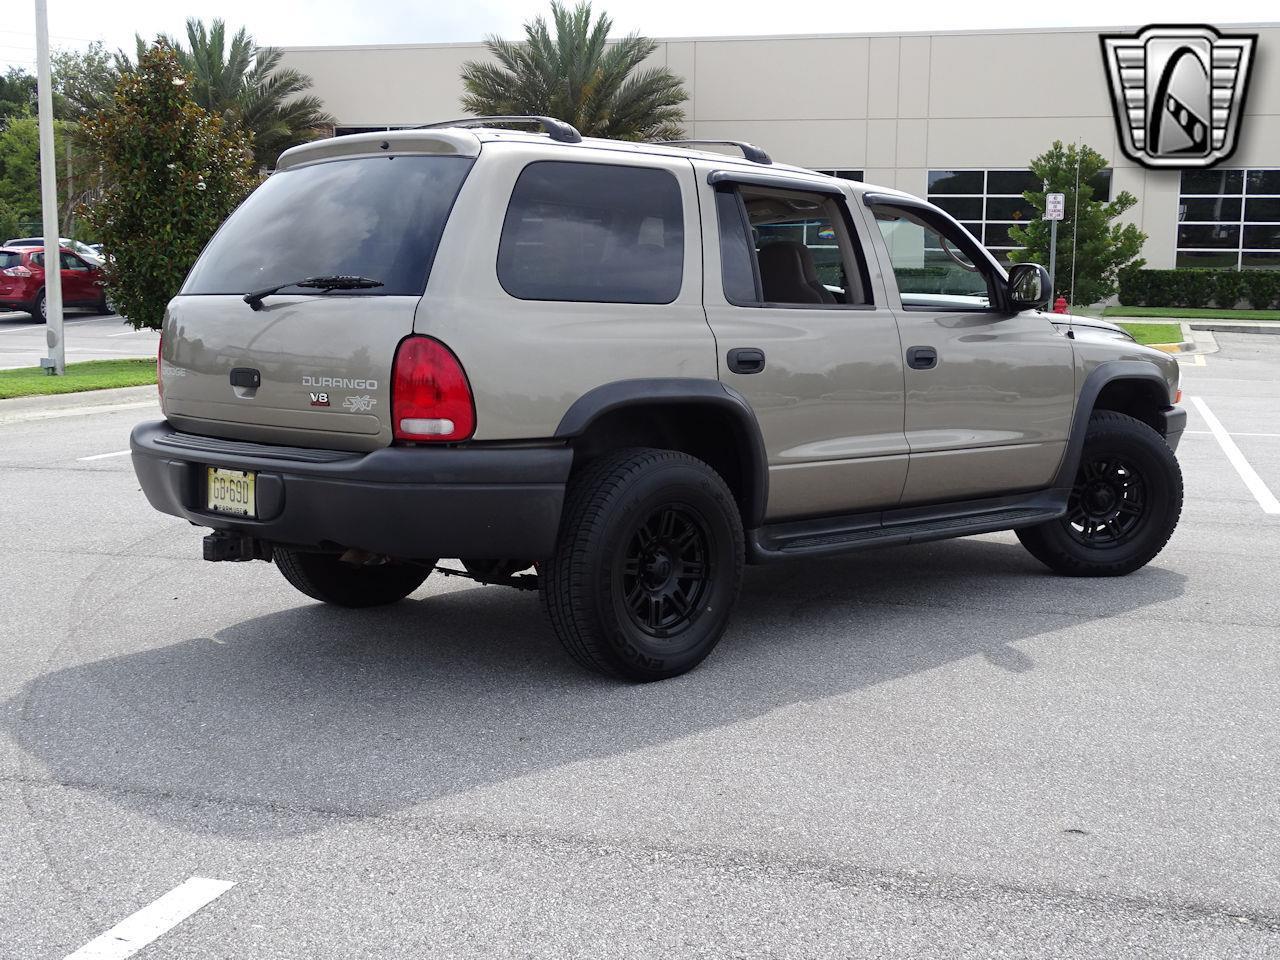 2003 Dodge Durango (CC-1354853) for sale in O'Fallon, Illinois